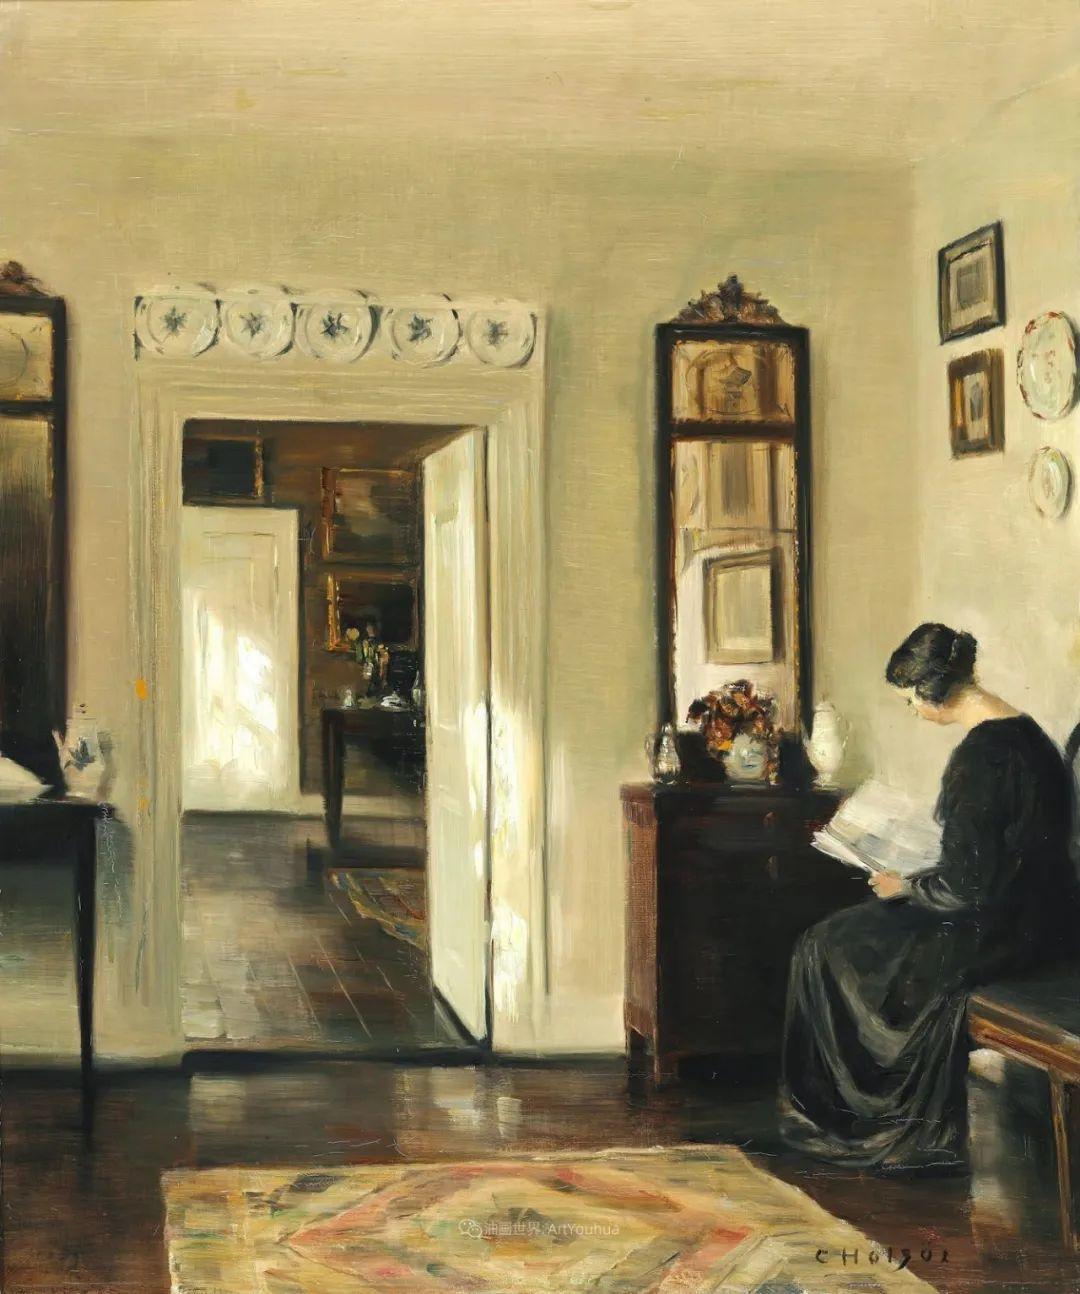 看书的女人最美丽,那一刻全世界都安静了!插图37